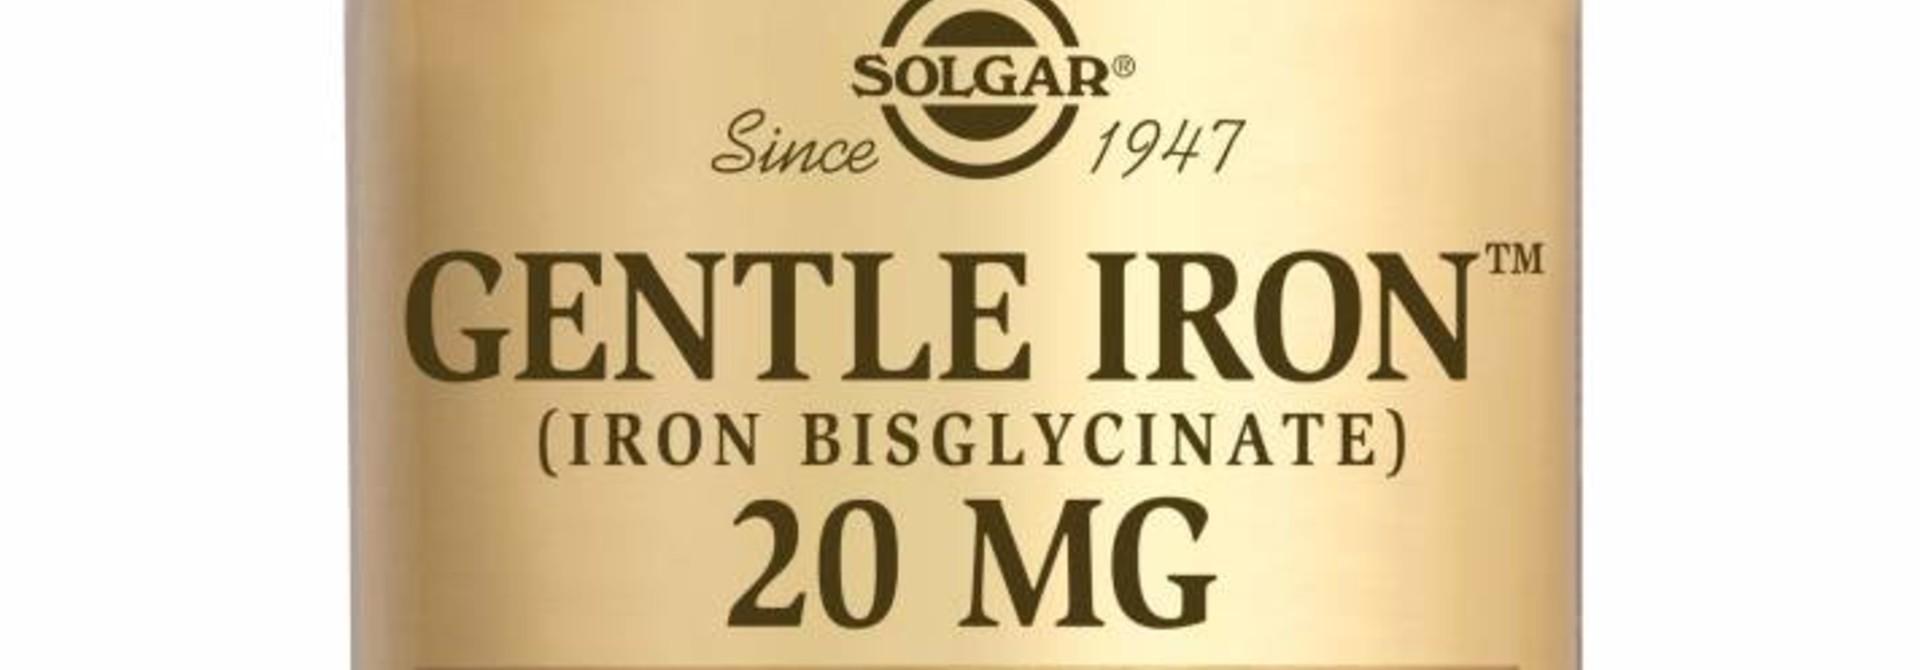 Gentle Iron 20 mg 180 plantaardige capsules